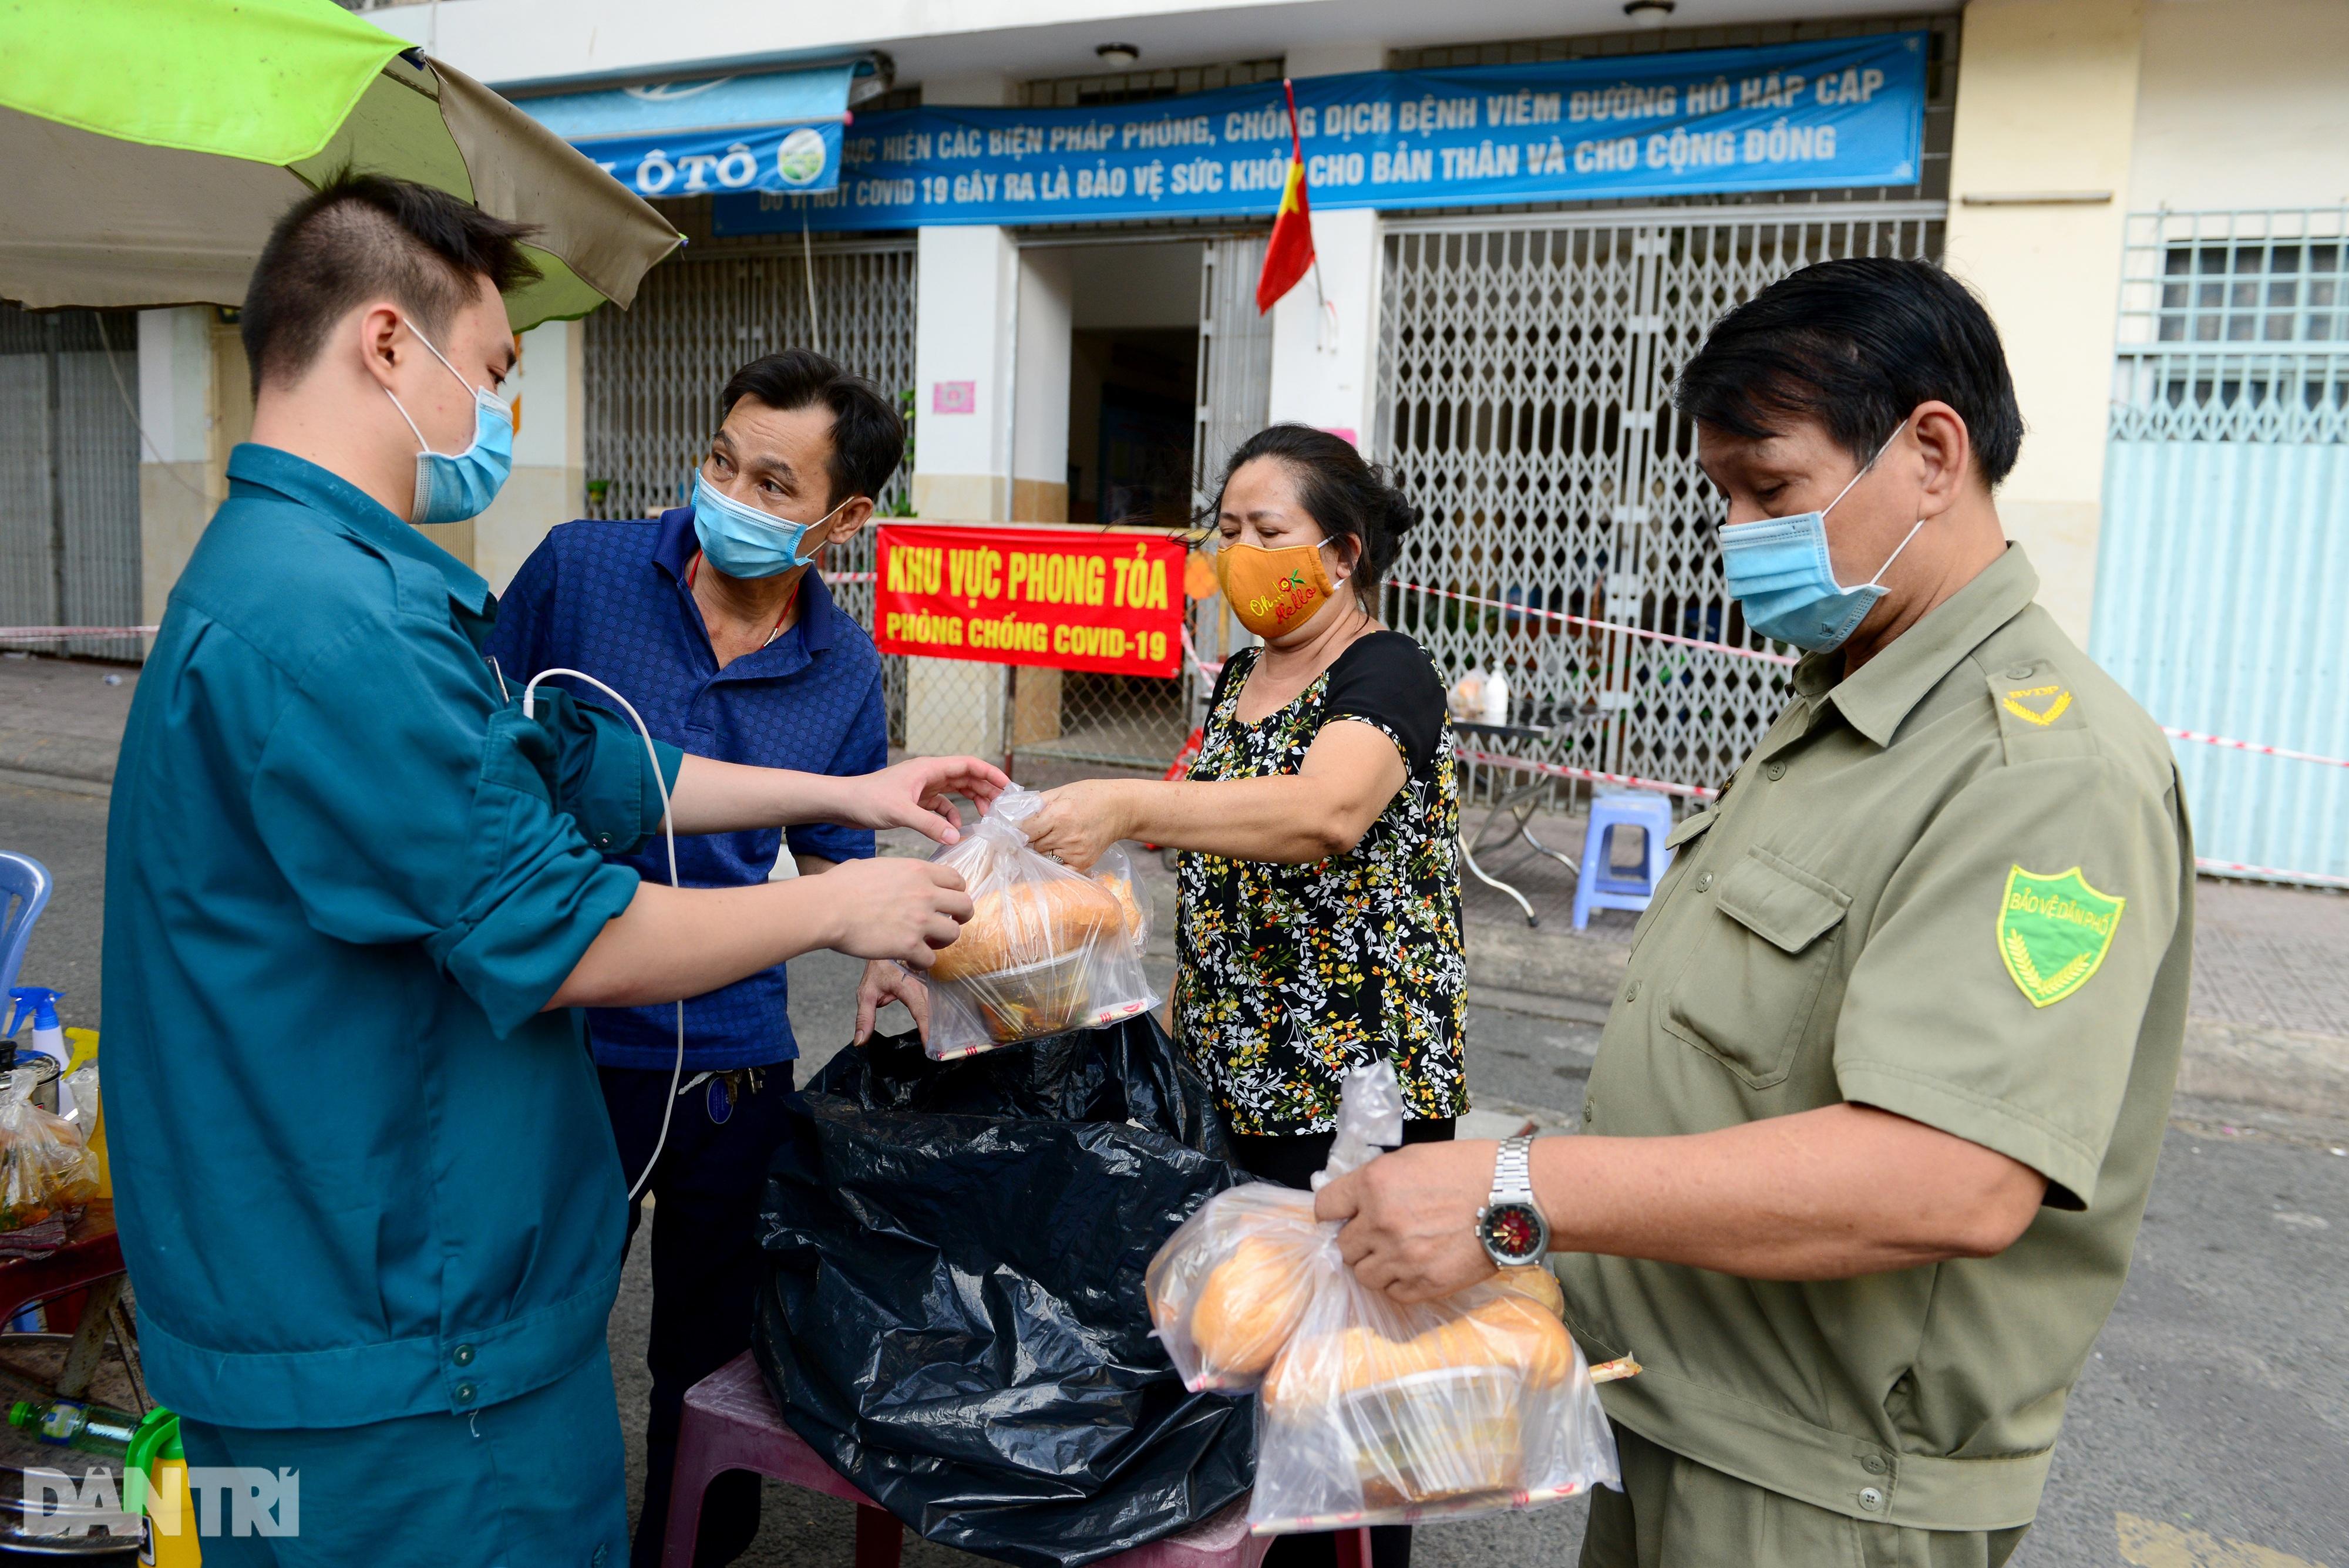 Mạnh thường quân nấu 2.000 suất ăn tiếp tế khu cách ly, người nghèo ở TPHCM - 8